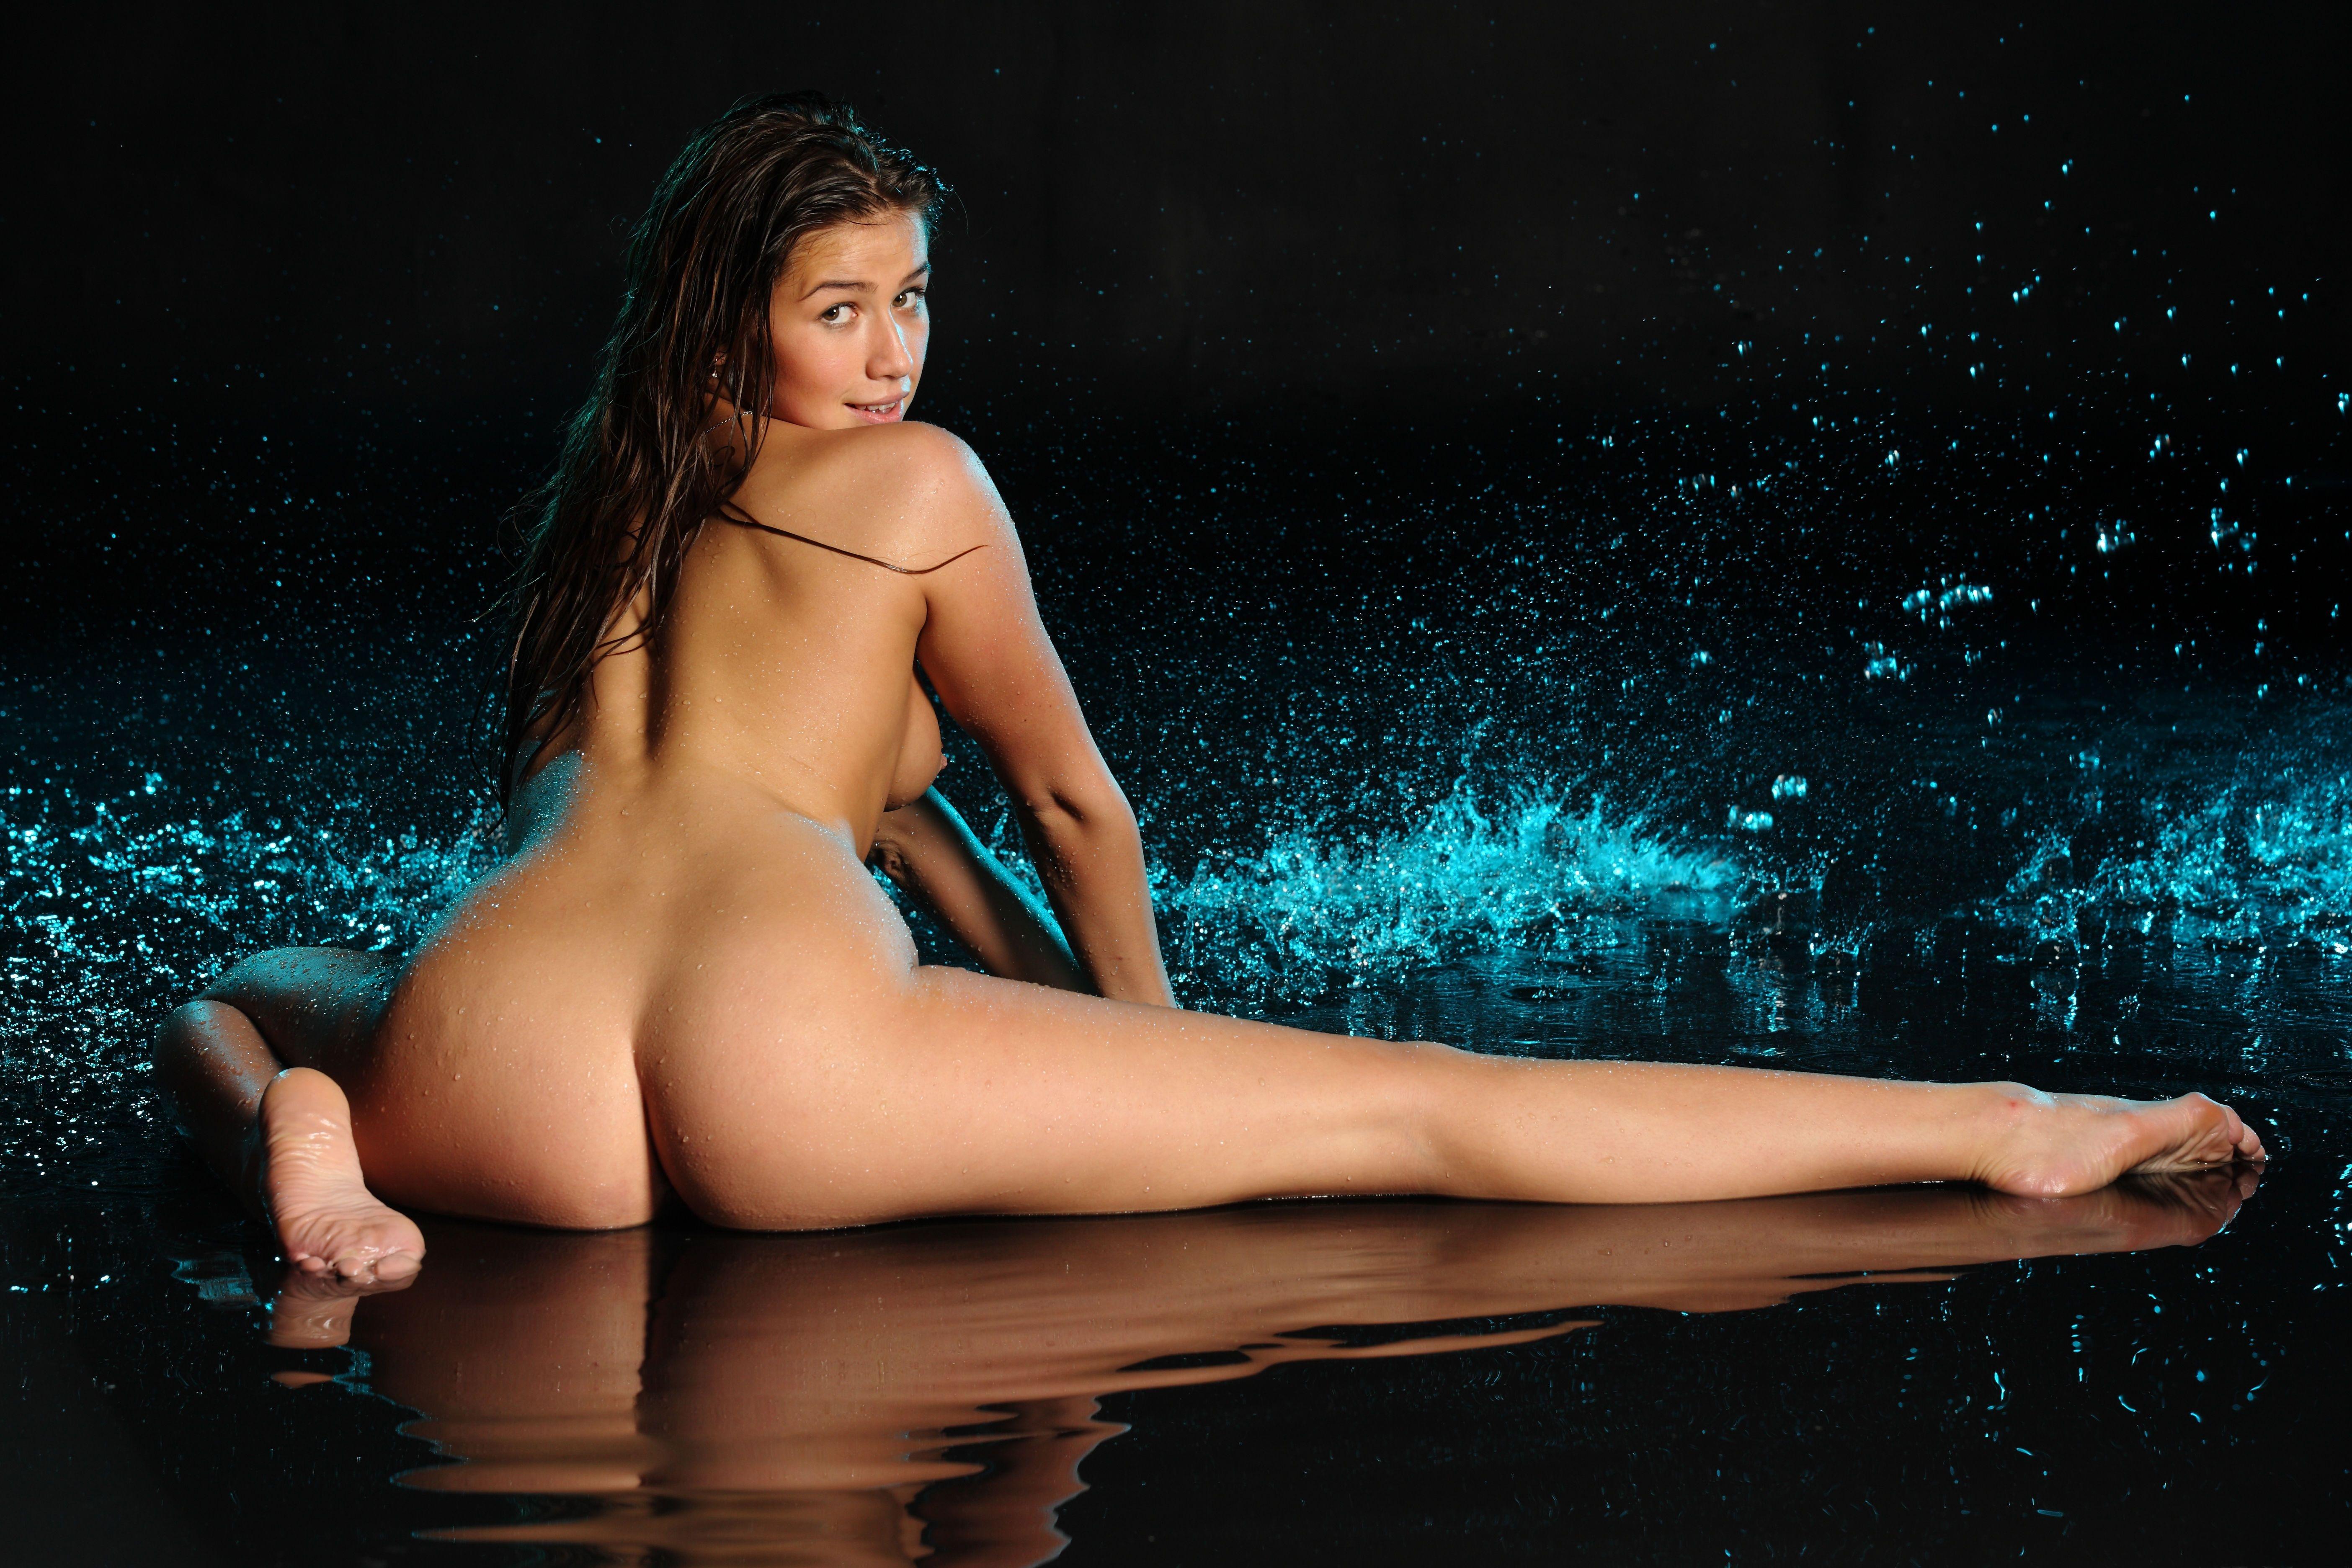 Фото девушек на рабочий стол голые 4 фотография